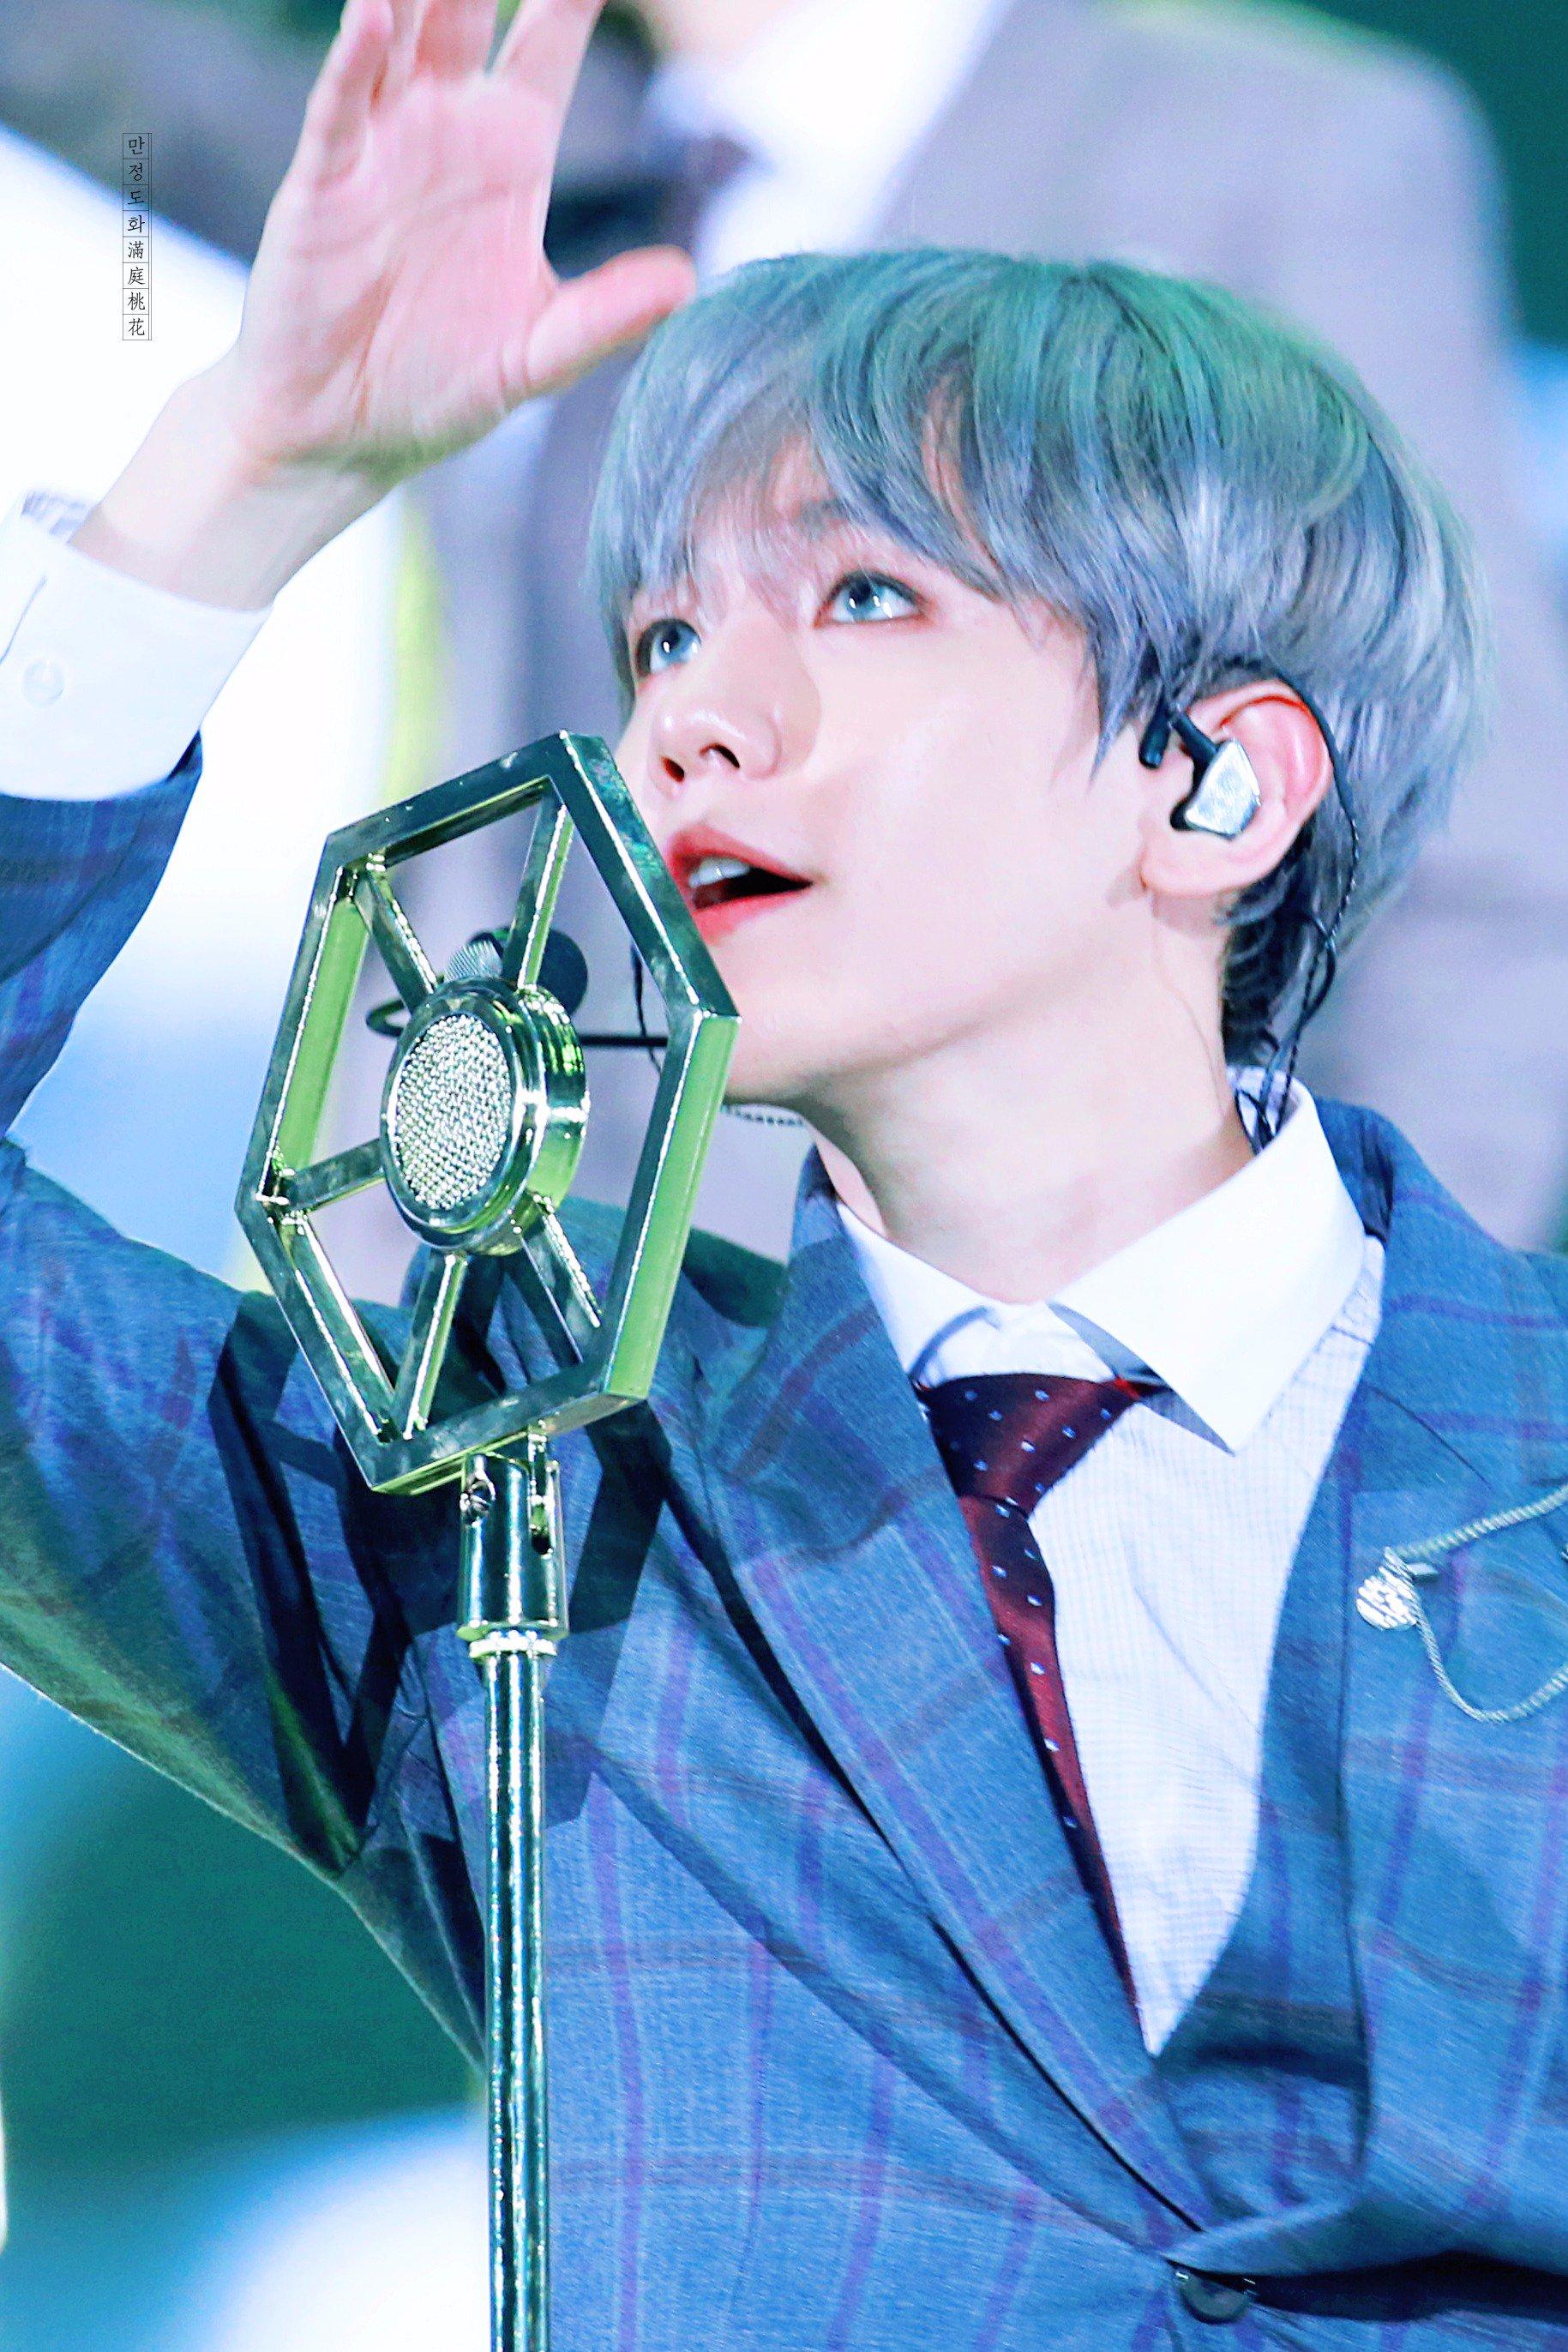 baekhyun gray hair